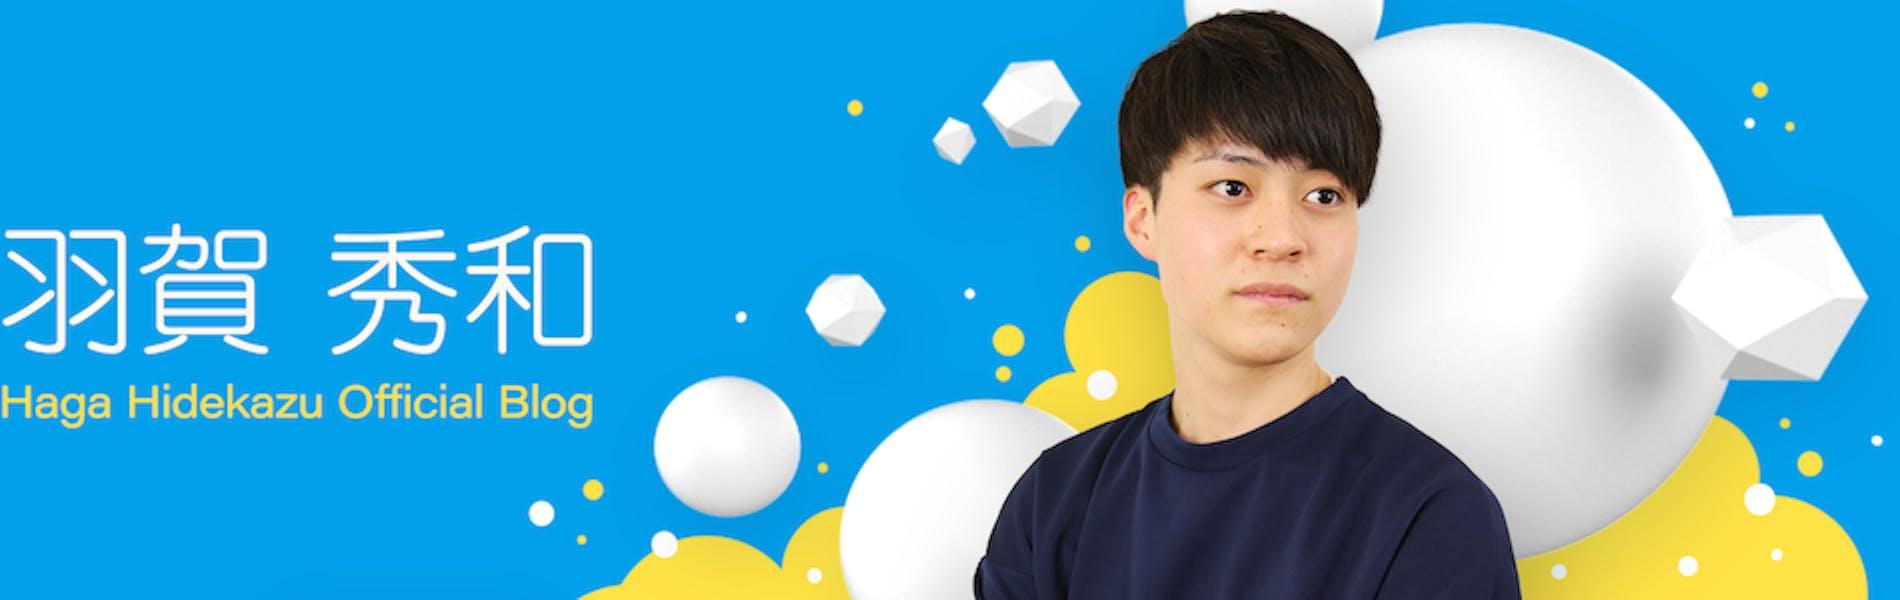 羽賀秀和 オフィシャルブログ